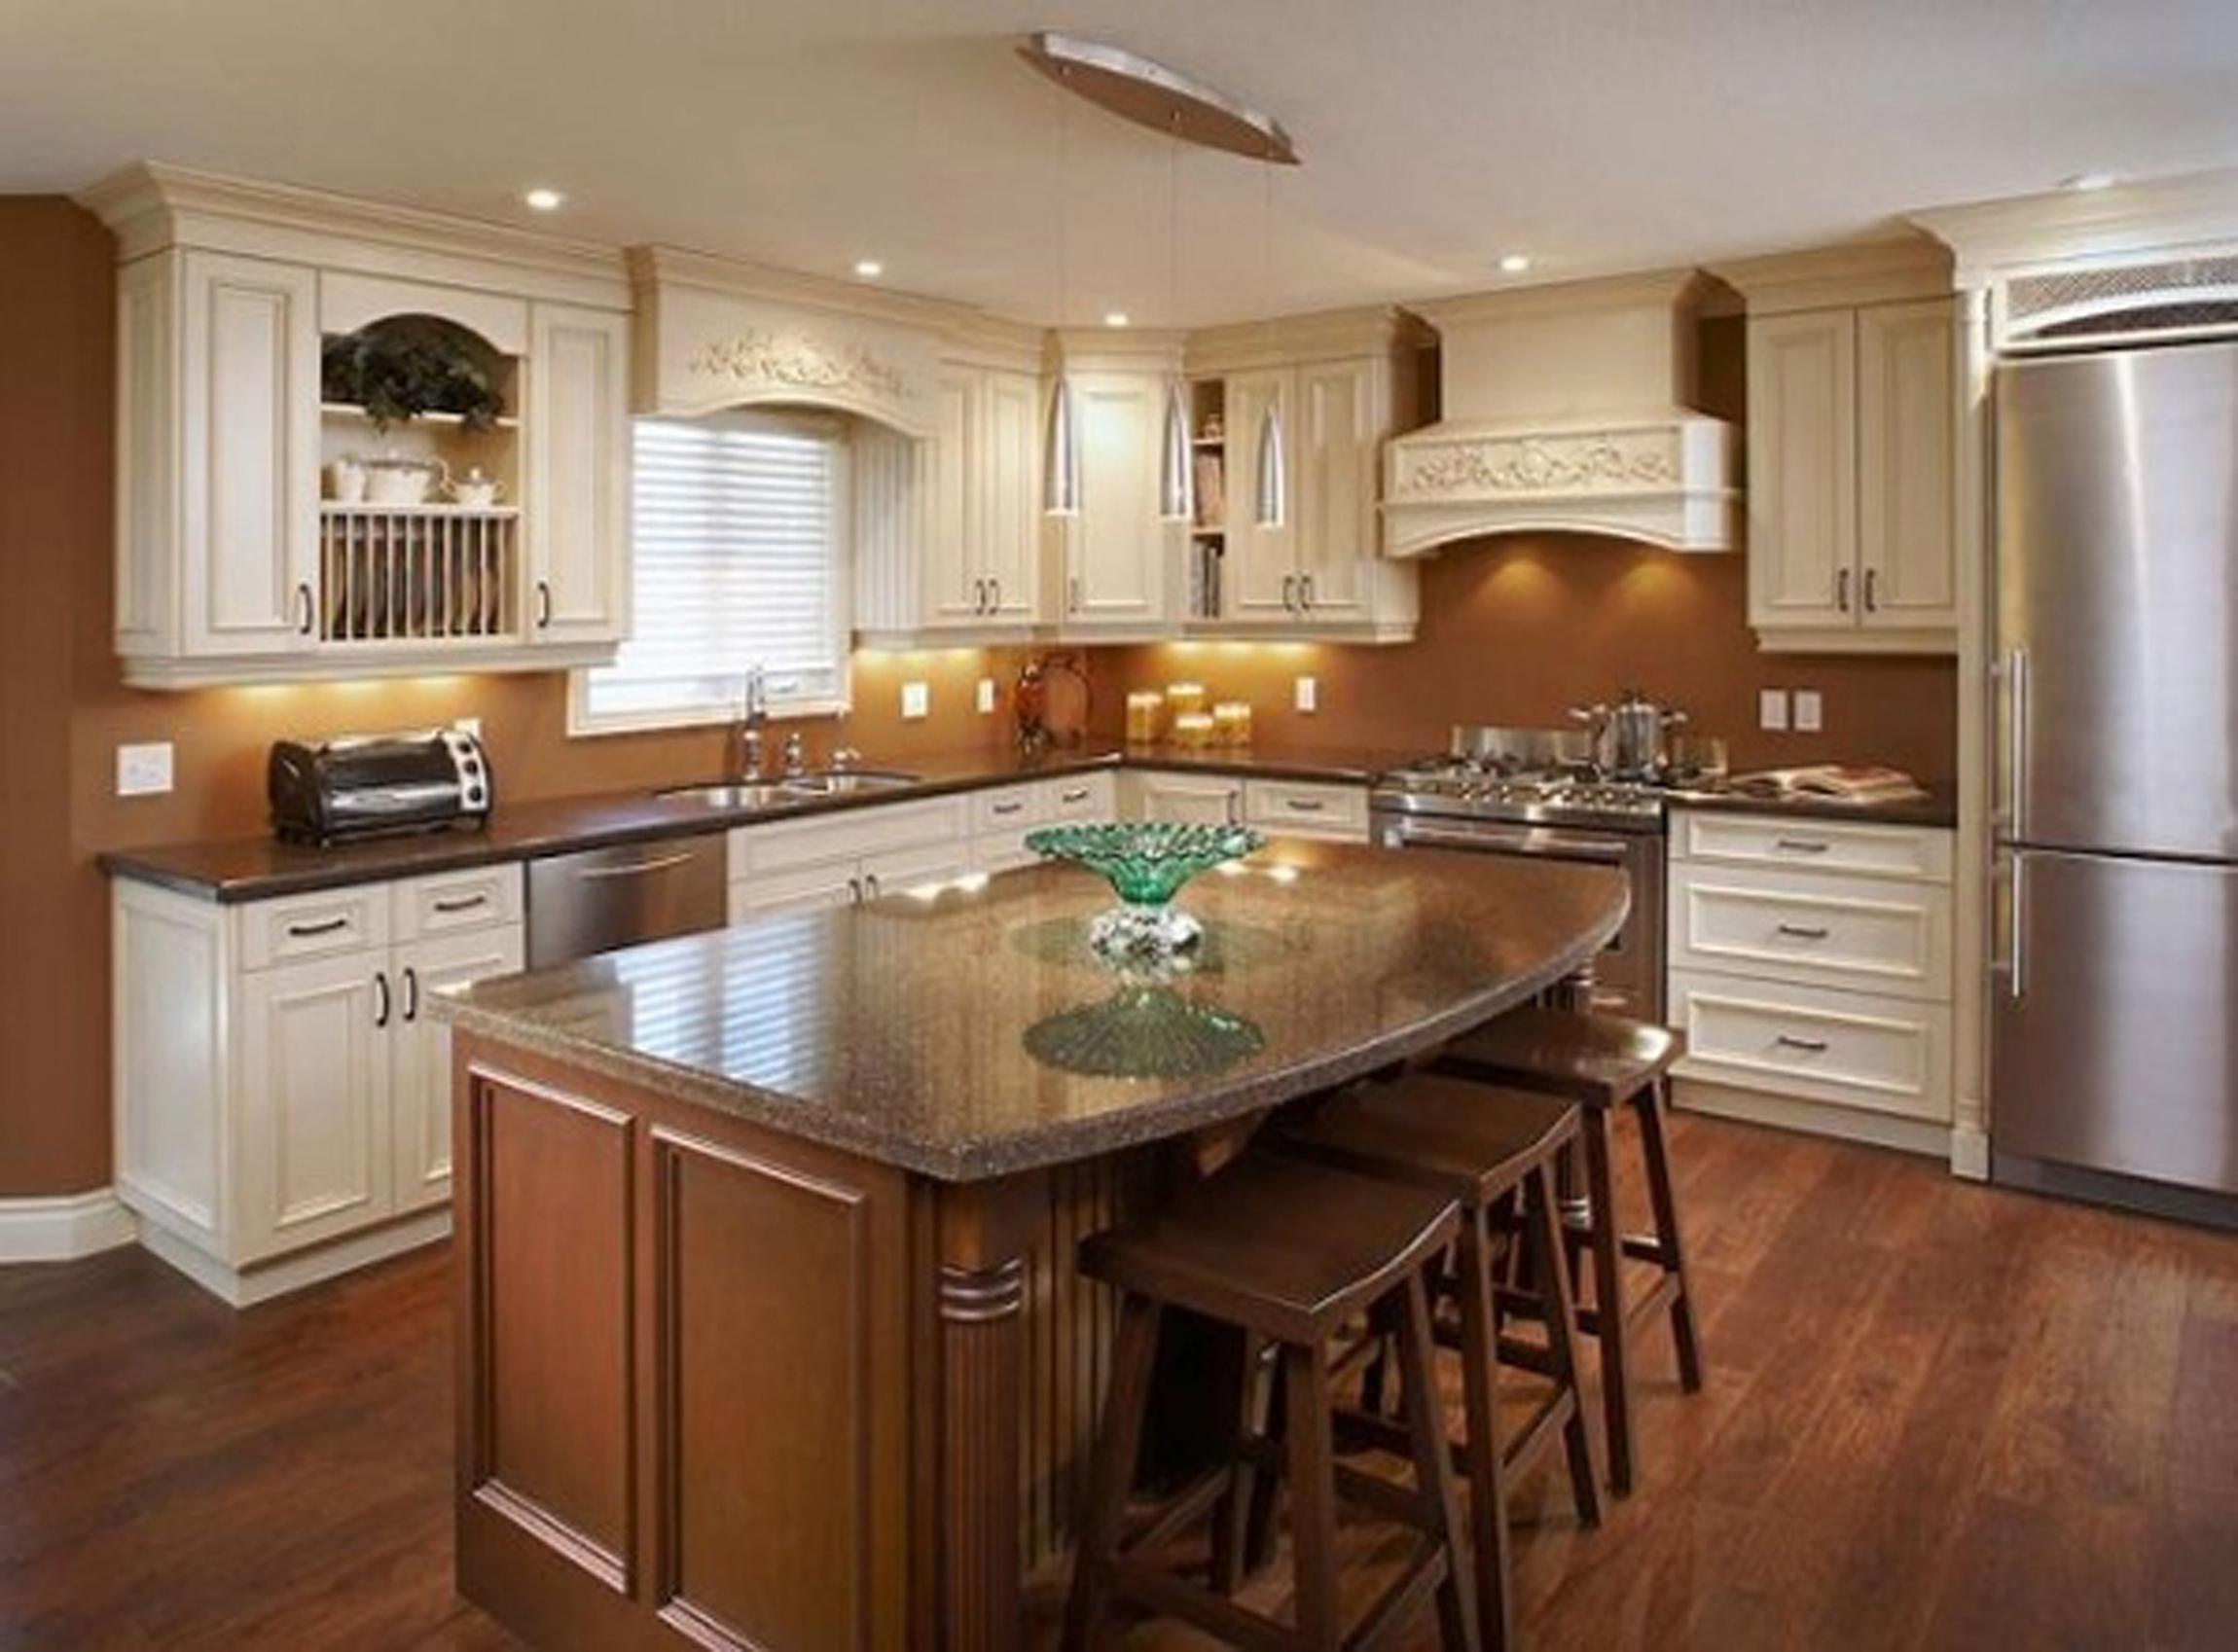 Modern Kitchen Cool Wooden Modern Kitchen Interior Design With Sweet Warm Lighting Idea Awesome Modern Kitchen Interior Design Inspiration (View 6 of 31)